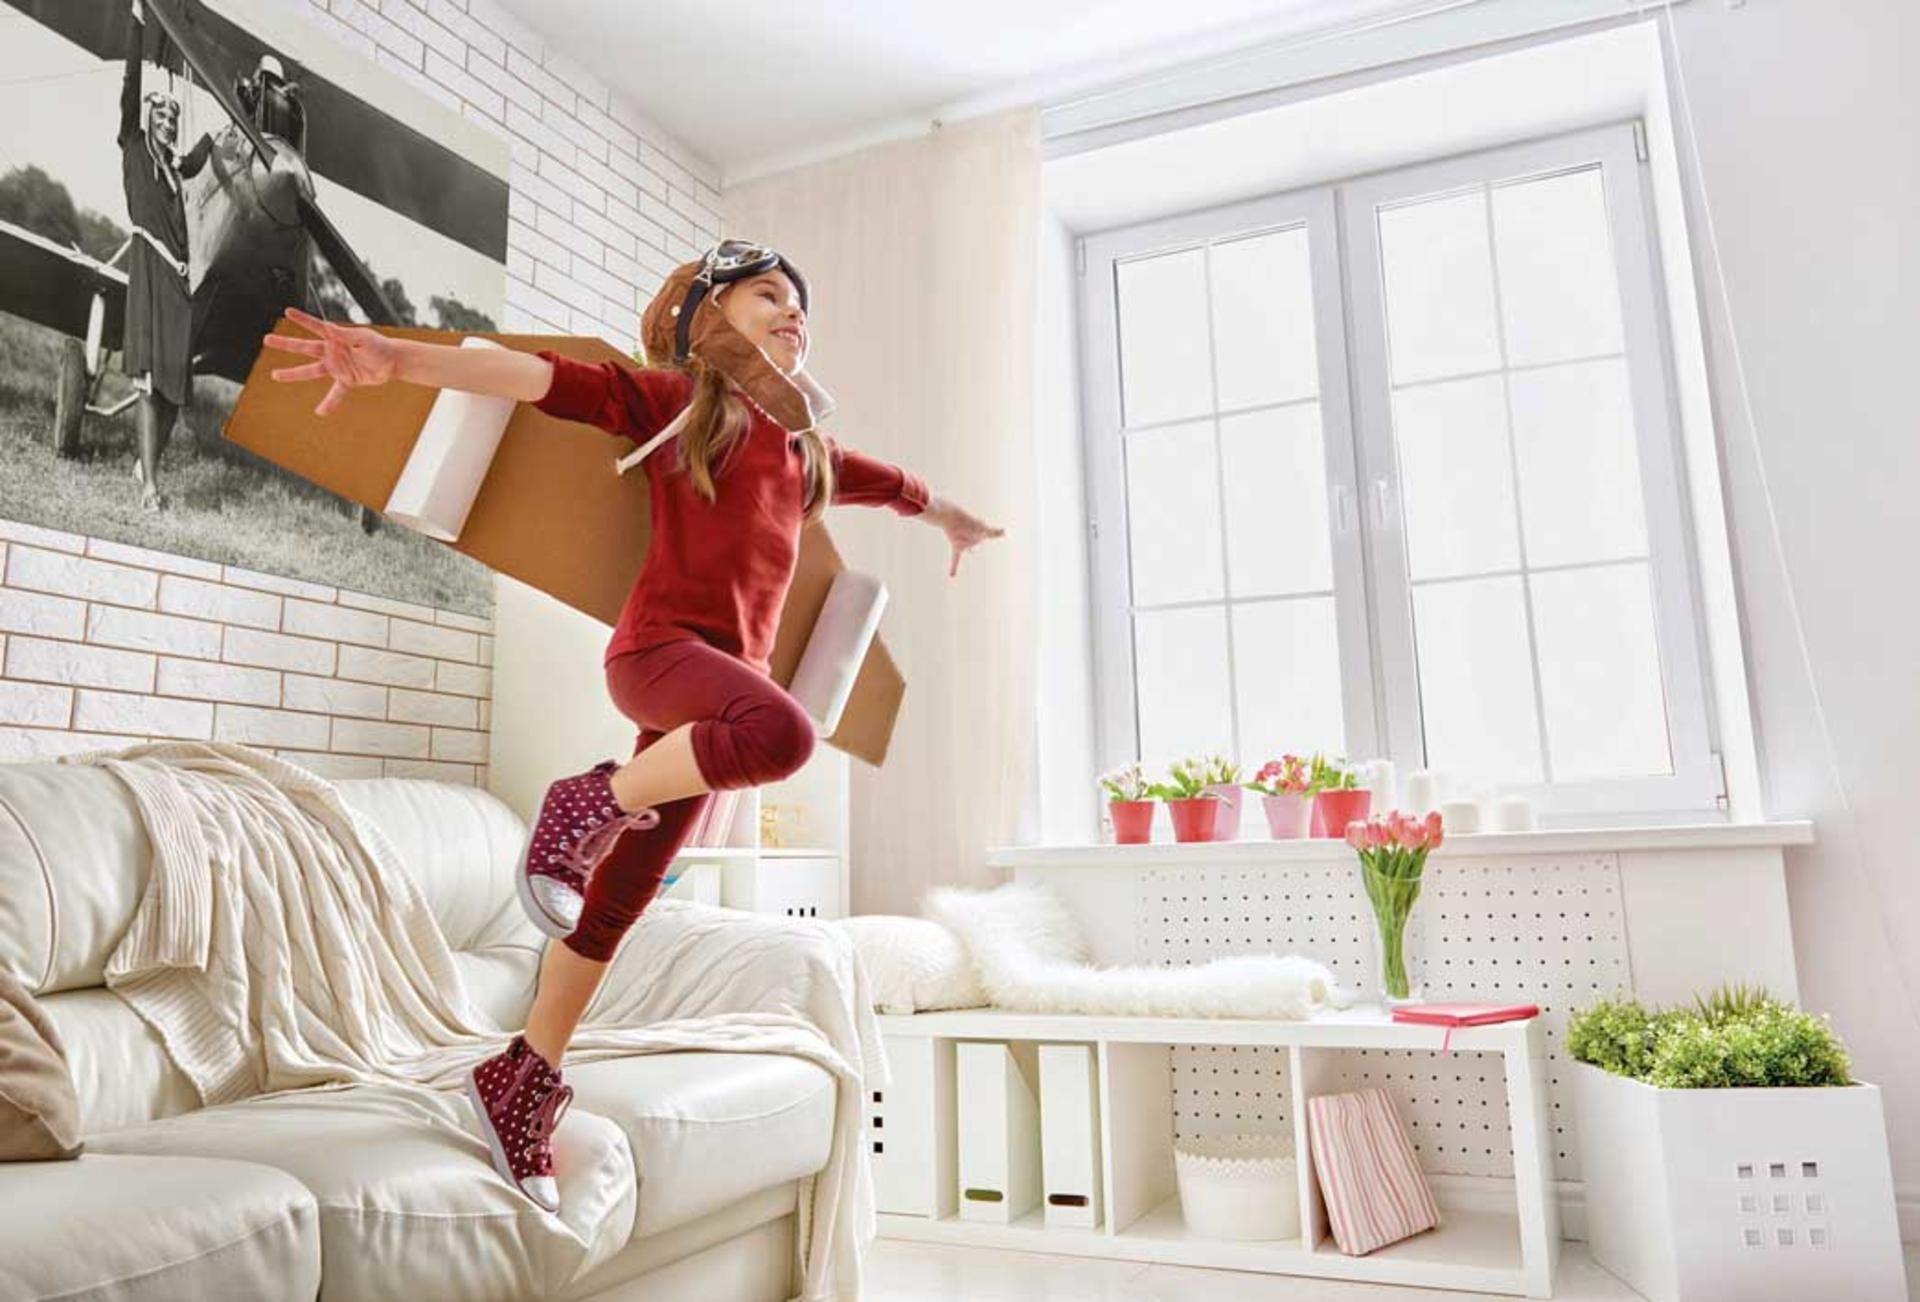 Image d'une fille qui saute d'un canapé